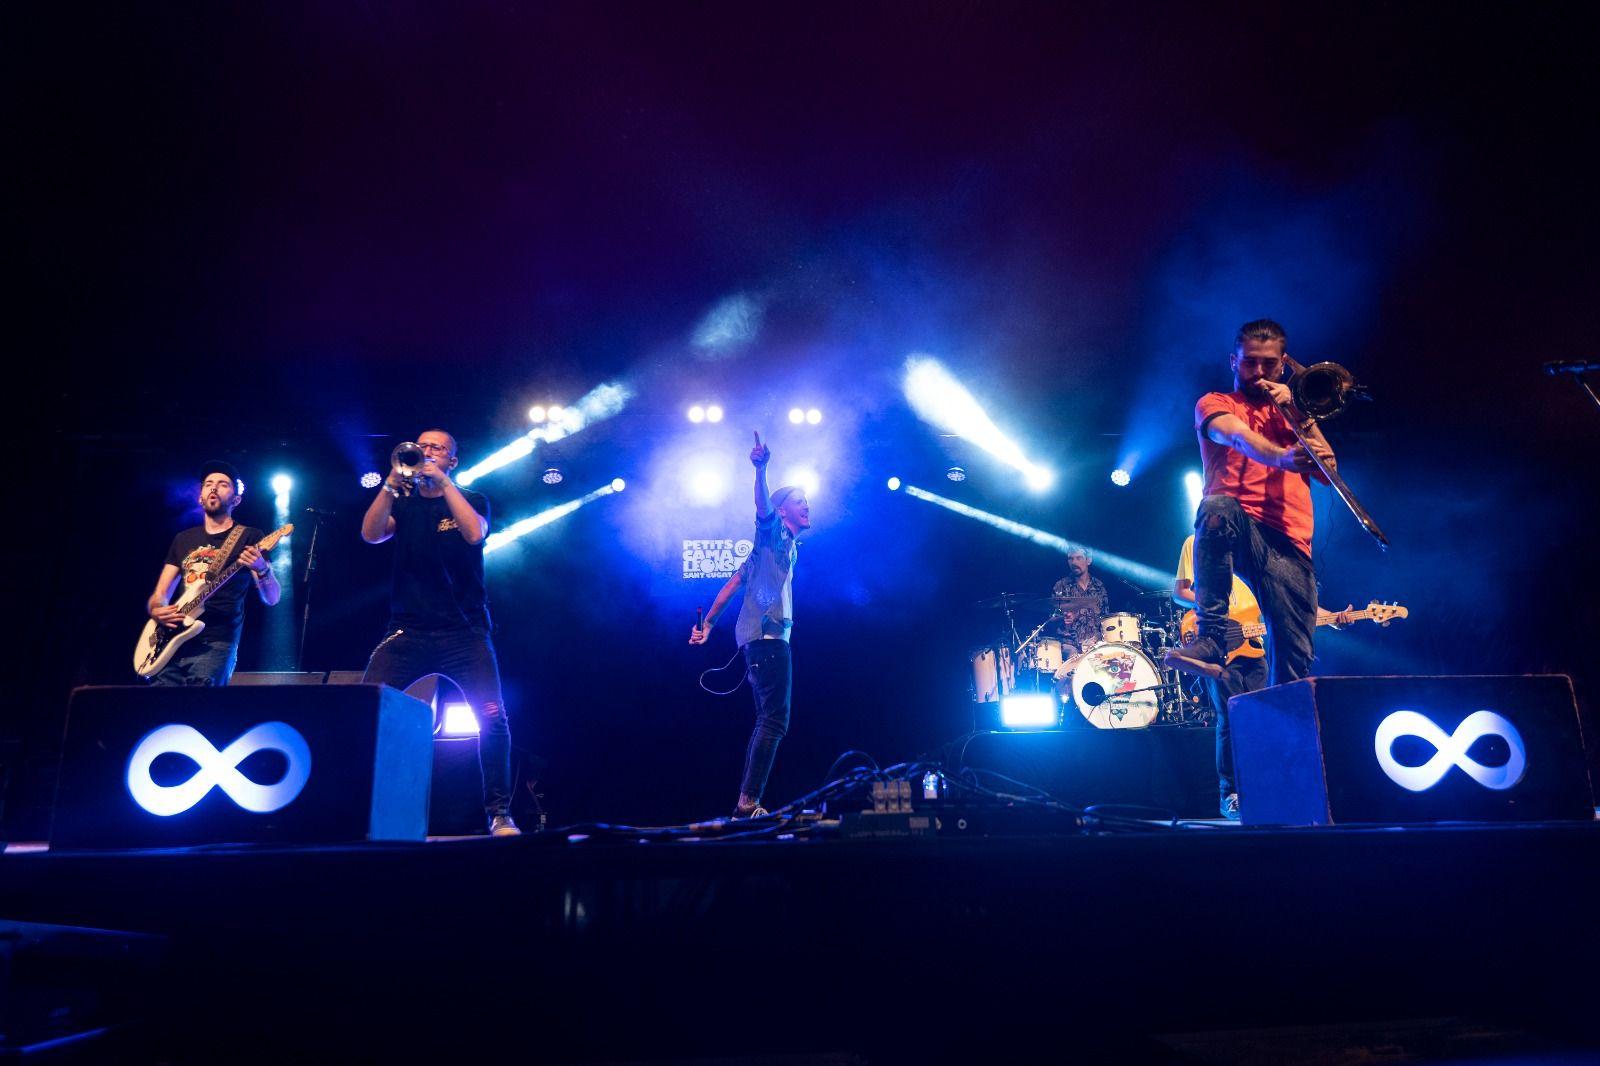 Porto Bello al festival Petits Camaleons. Foto: Raul Clemente